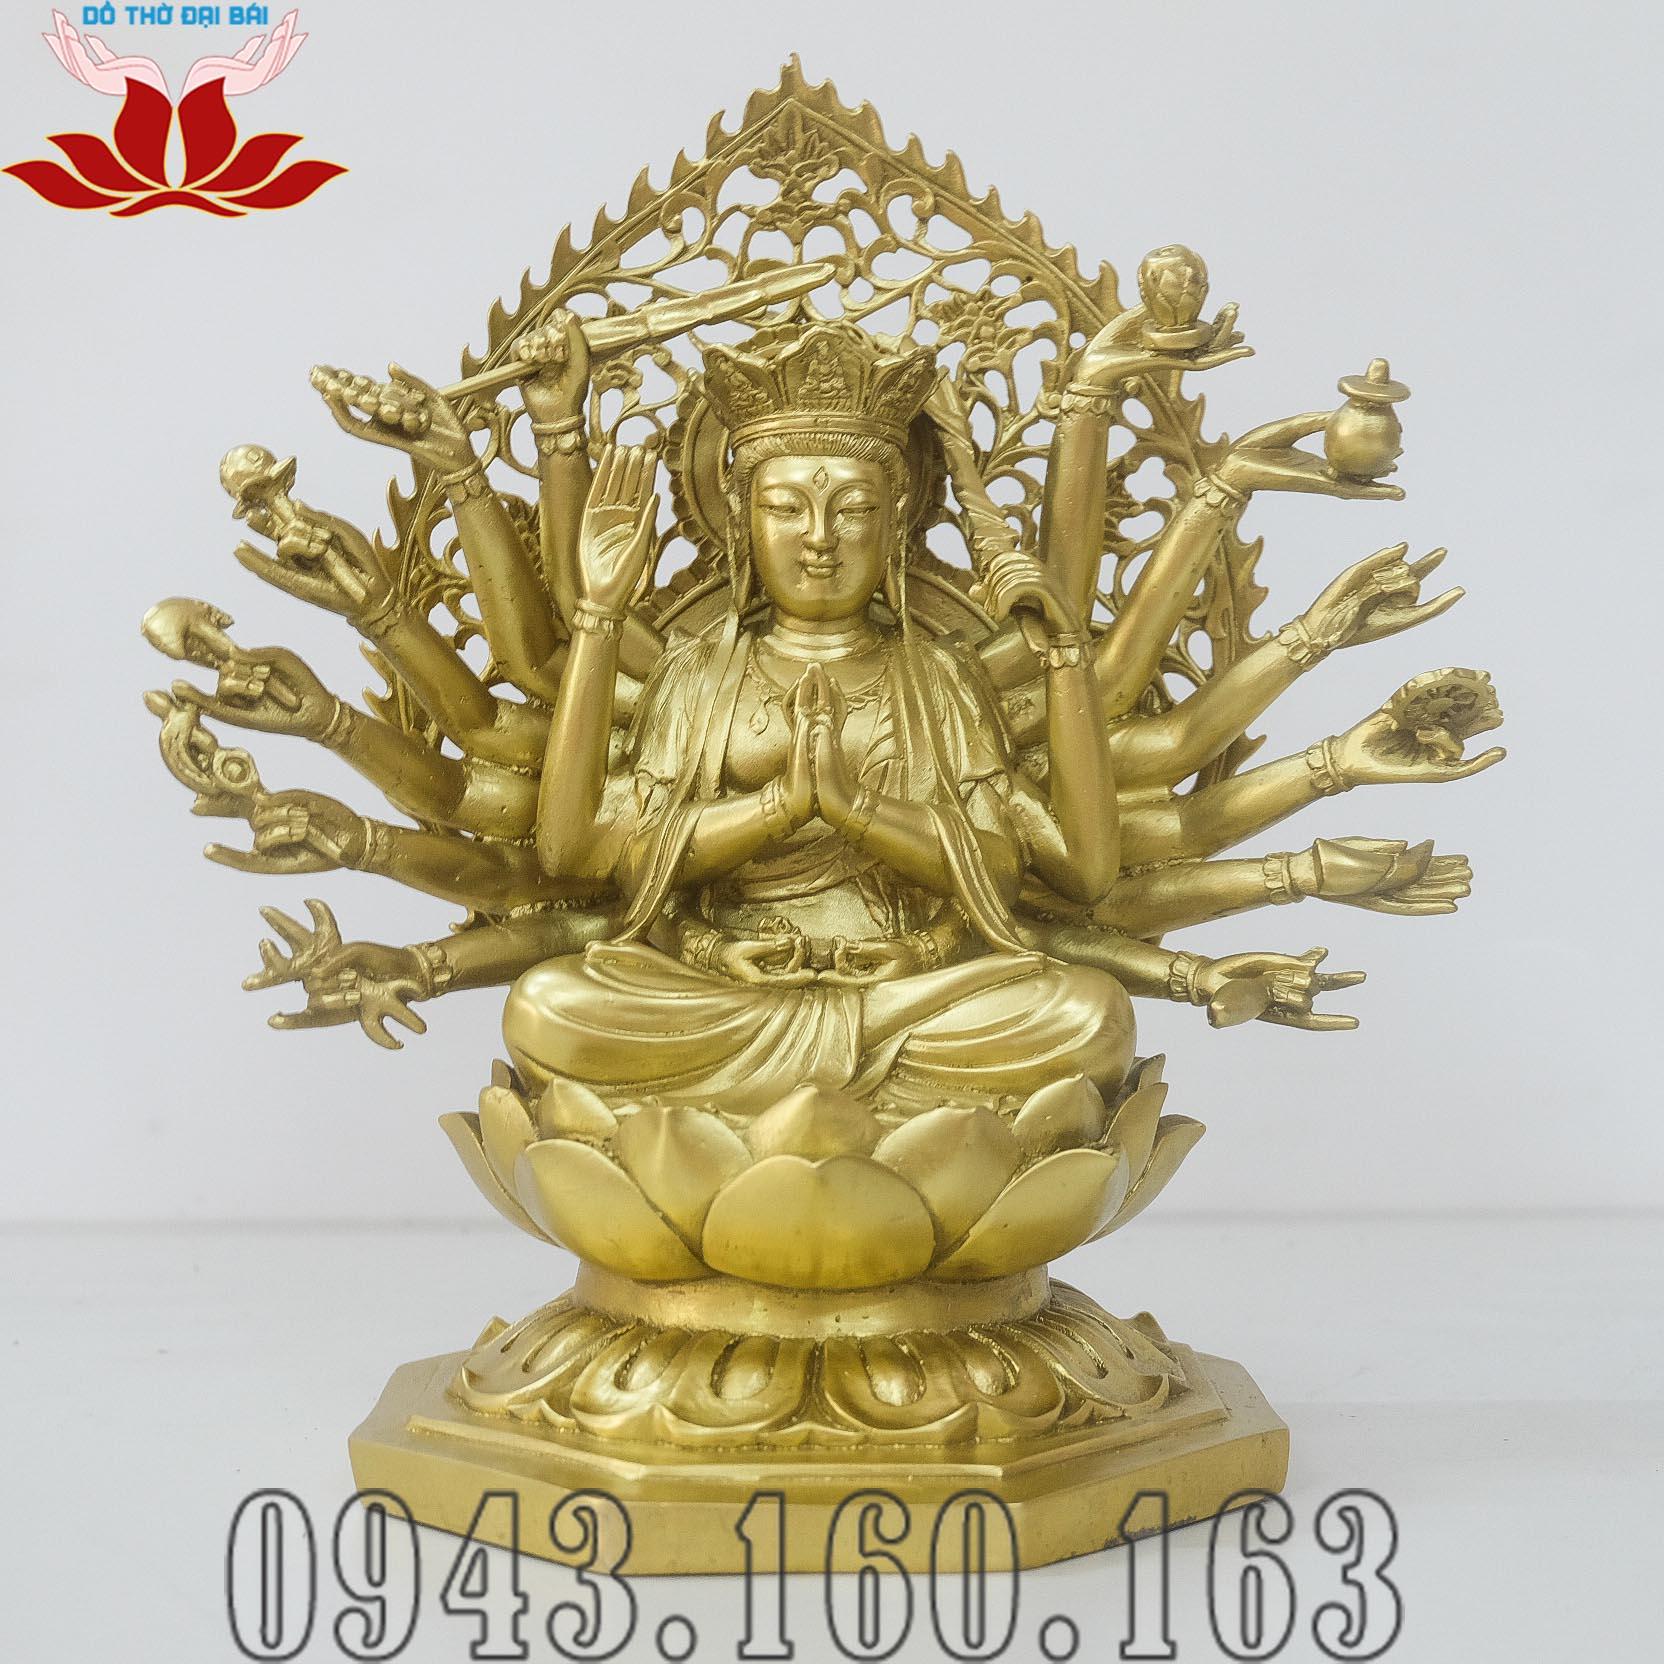 Chi tiết hình ảnh tượng Phật Chuẩn Đề nhìn thẳng